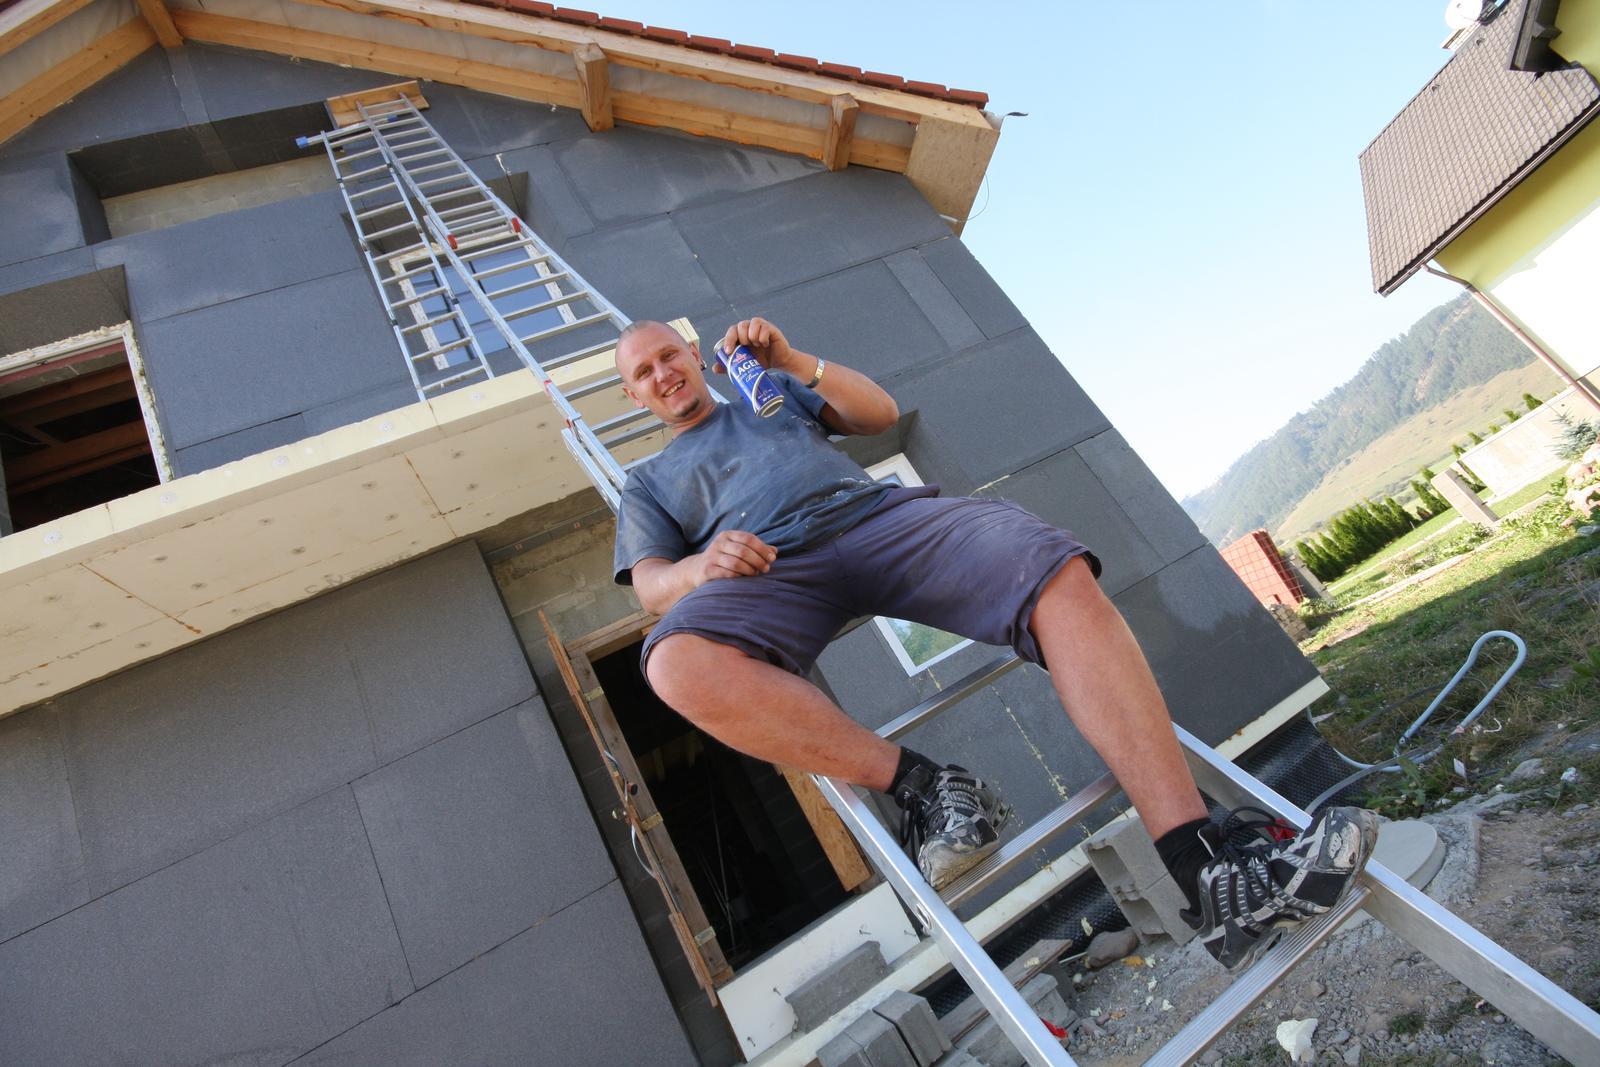 Nulový dom bez komína... Som UFO? - foto ako som lepil EPS o mur, zatazoval pritlakom... ako zataz pomoze AJ JEDEN FERO..